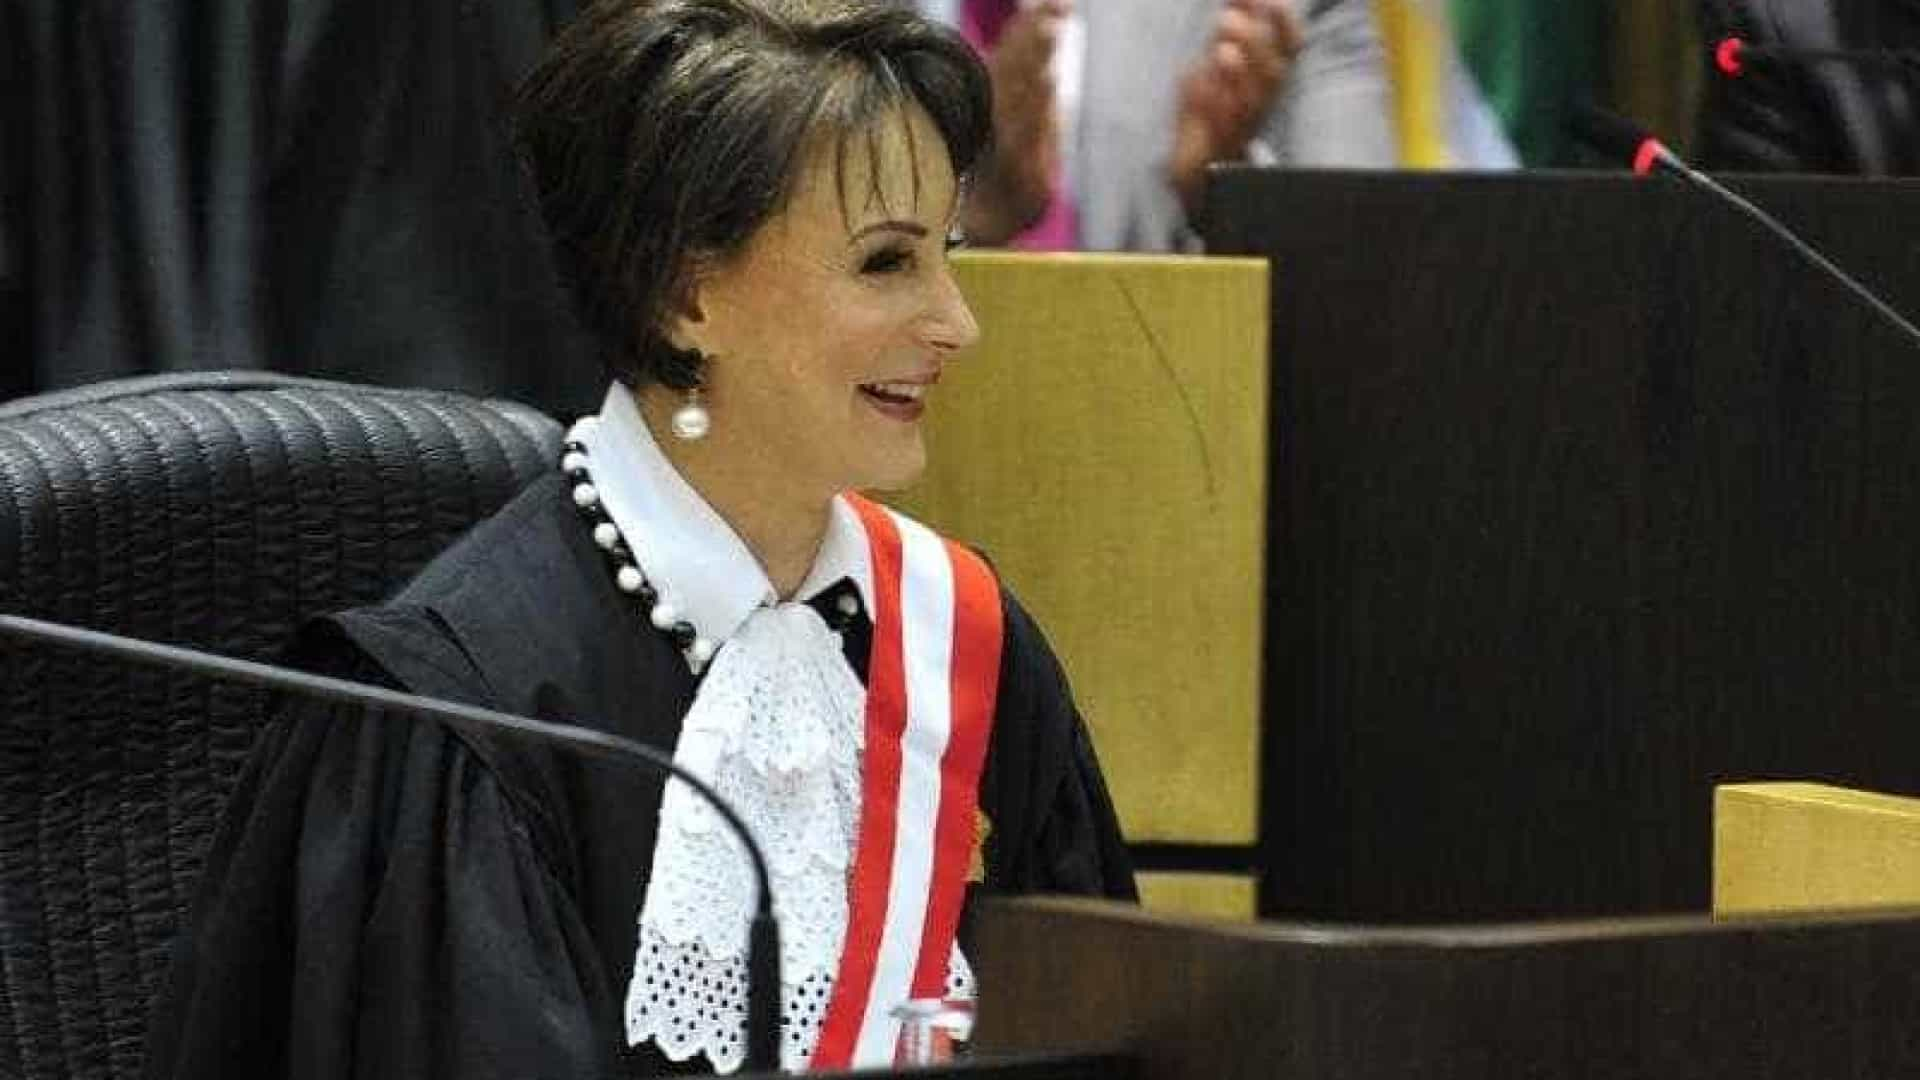 'Multas podem gerar mais discriminação', afirma presidente do TST